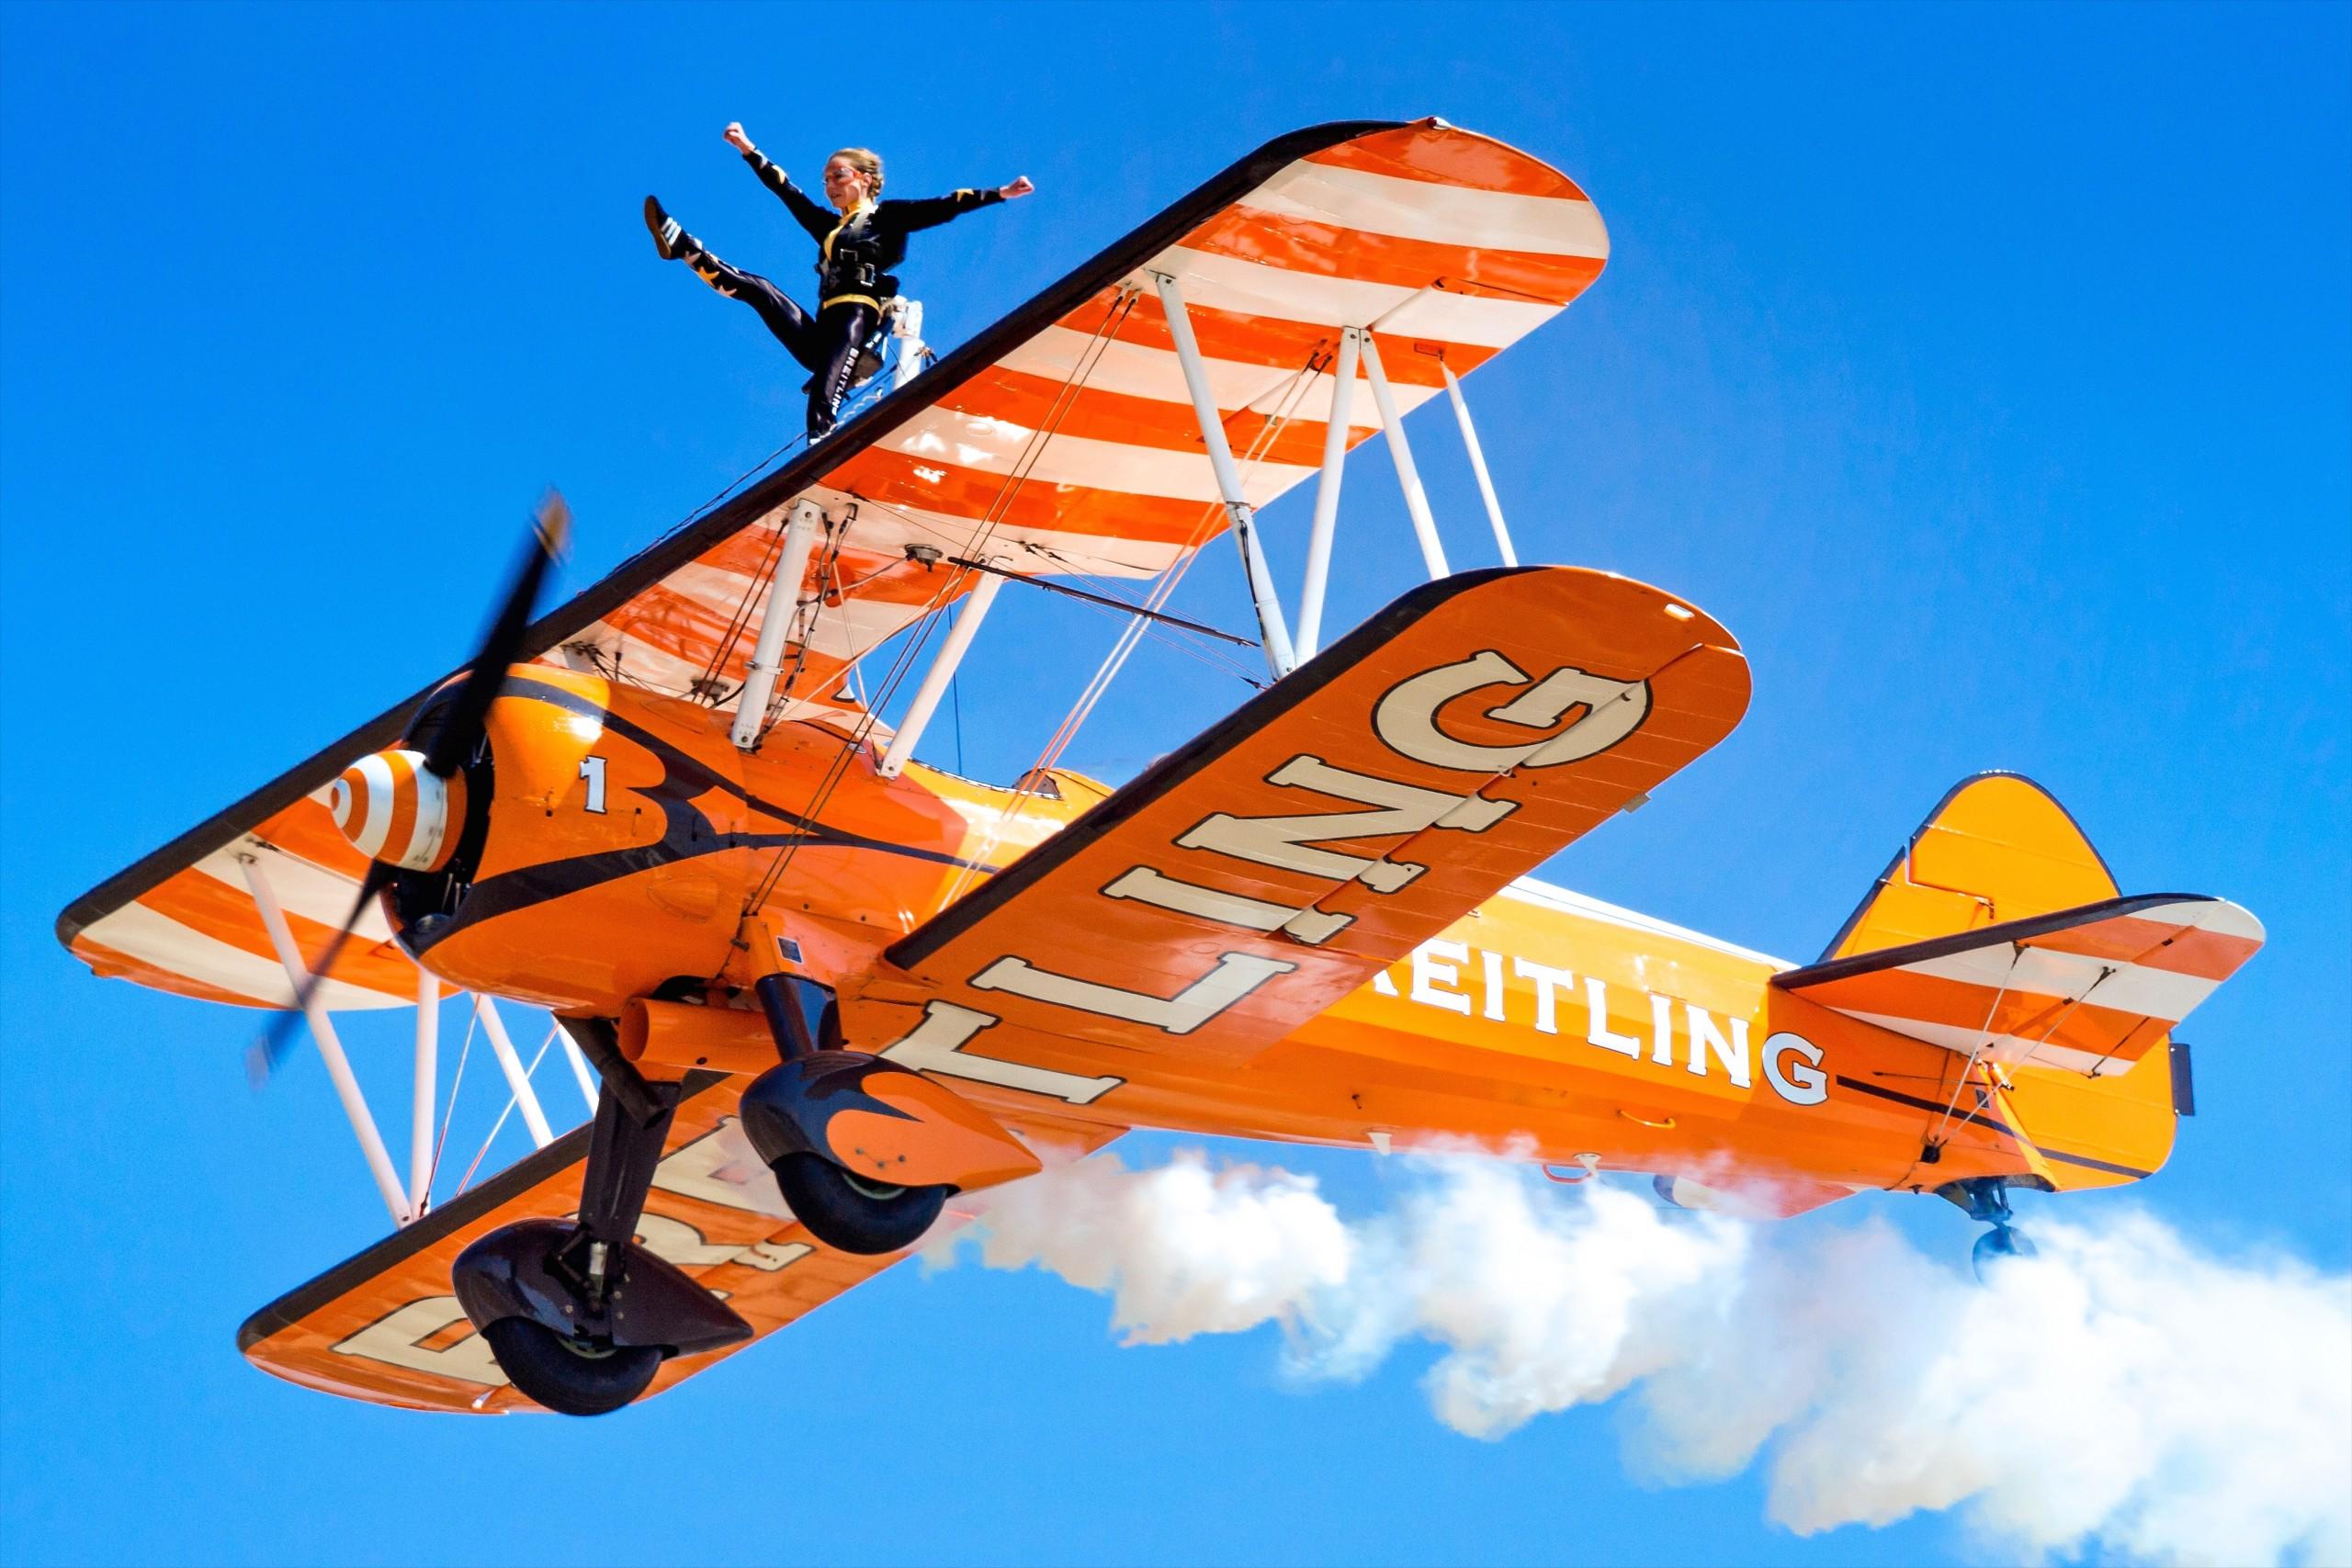 A wing walker on a biplane